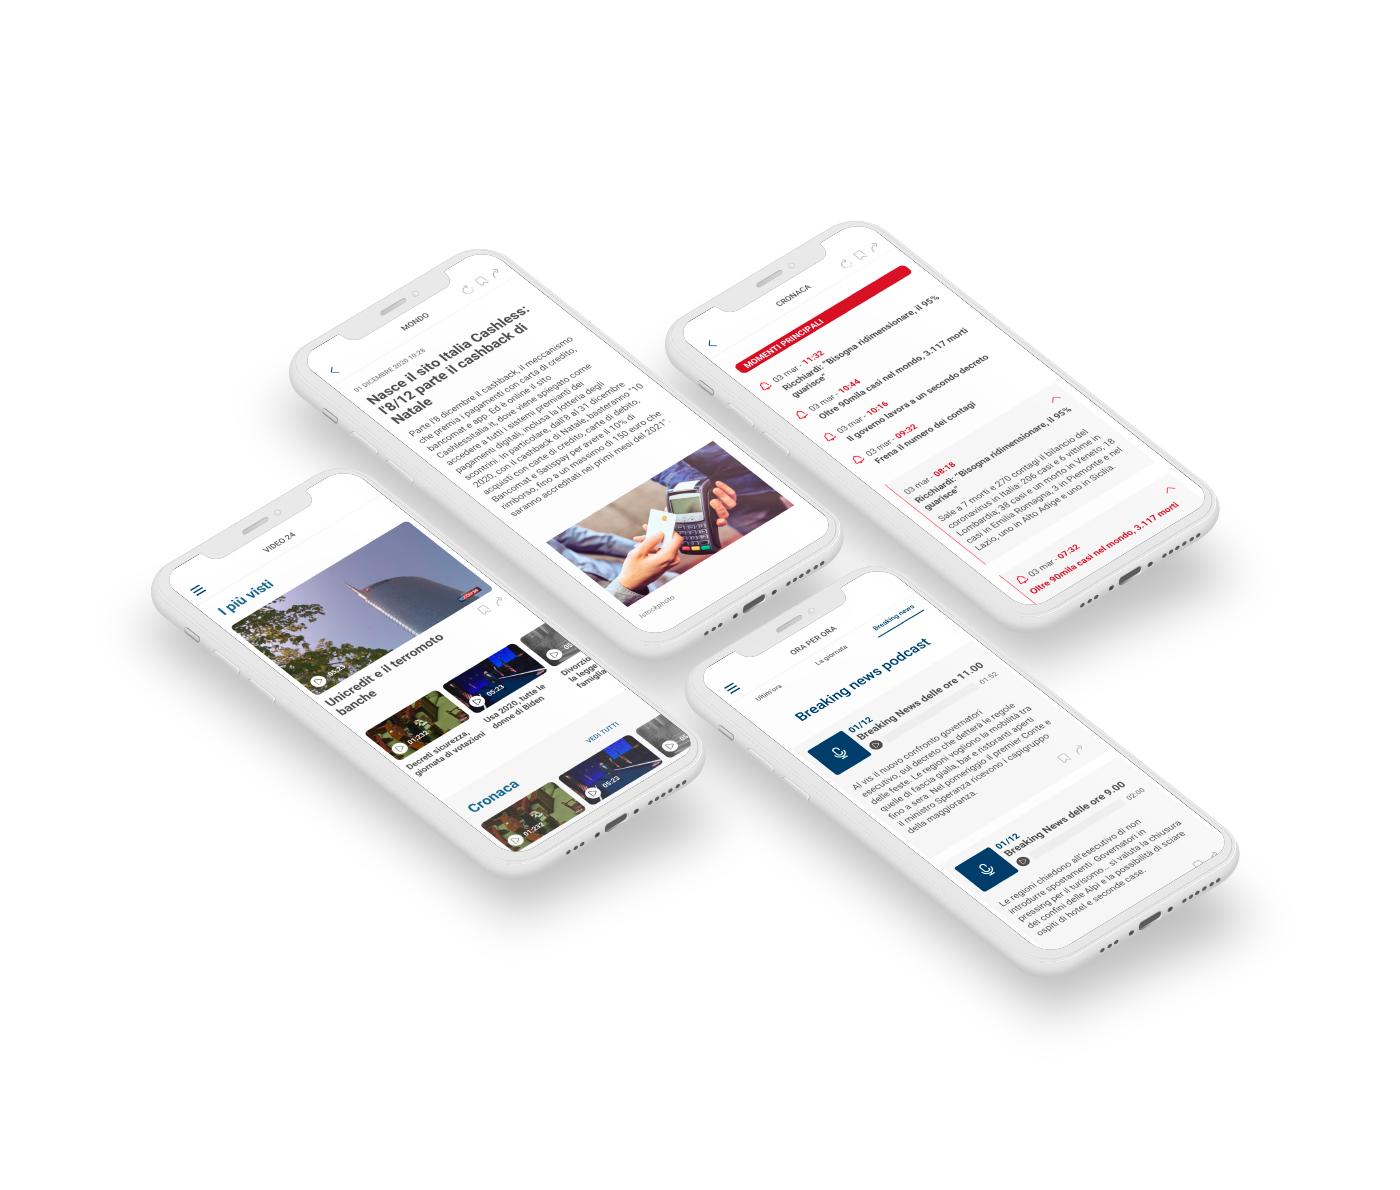 app_tgcom24_app-2